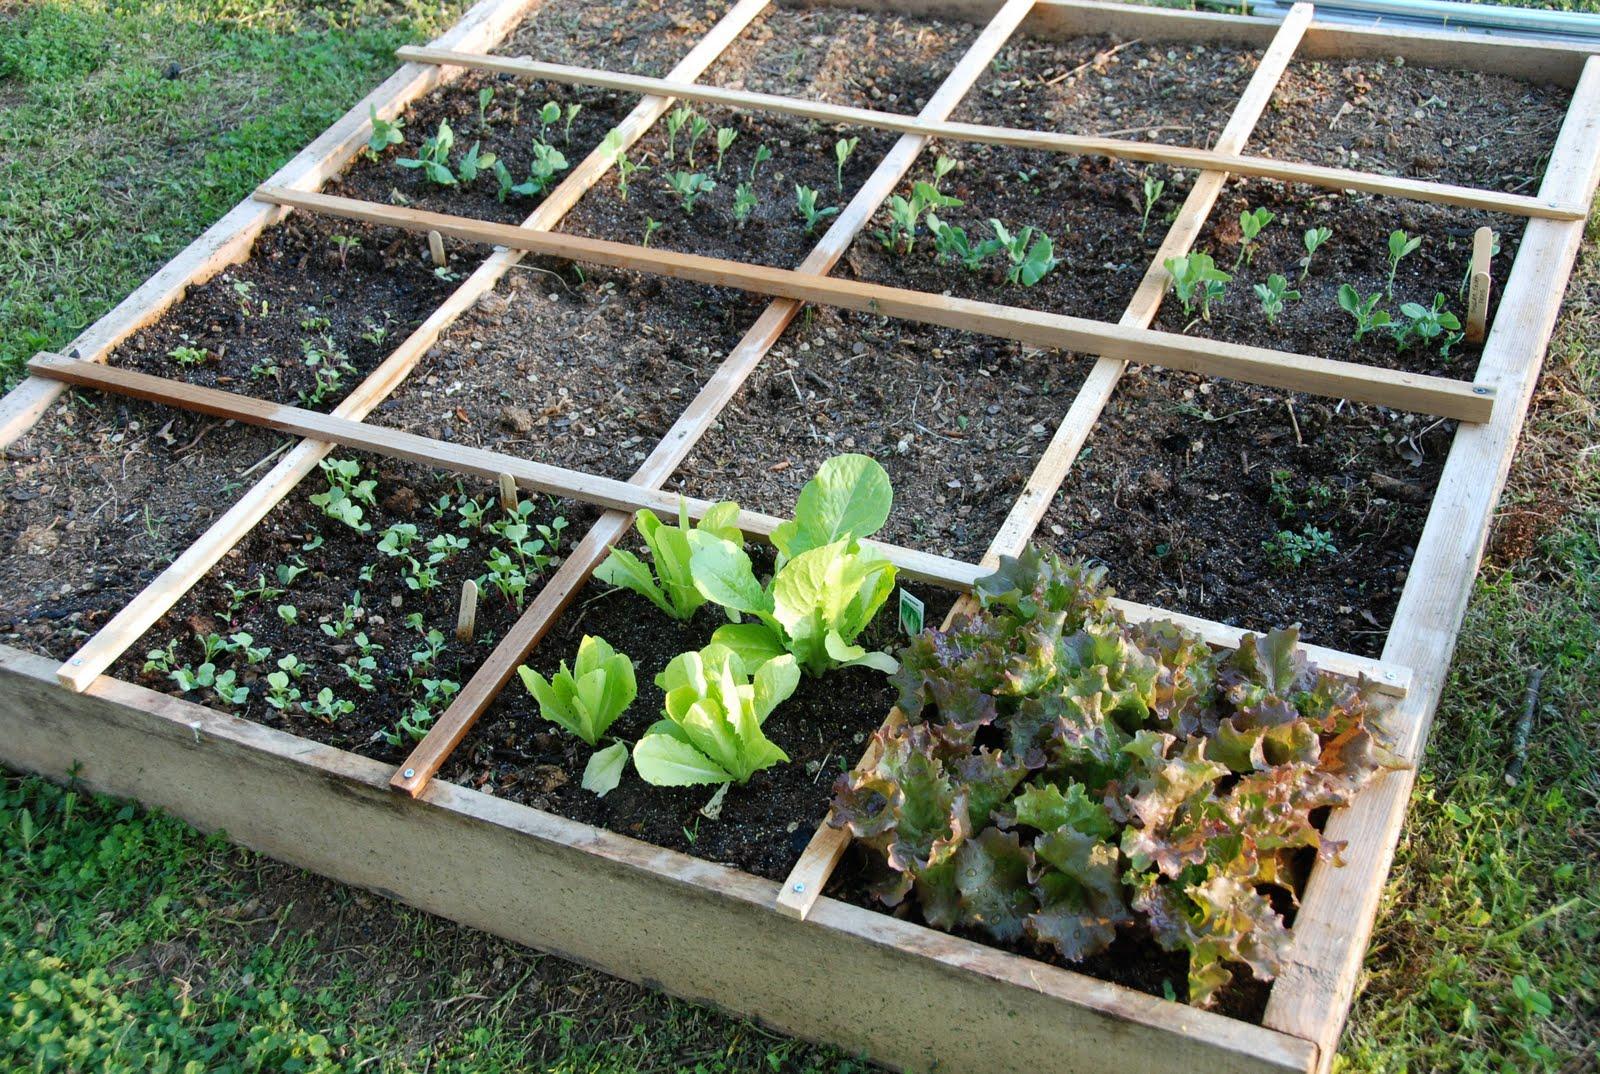 Jardin Ou Potager En Carré4 - Le Blog De Doug tout Jardin Au Carré